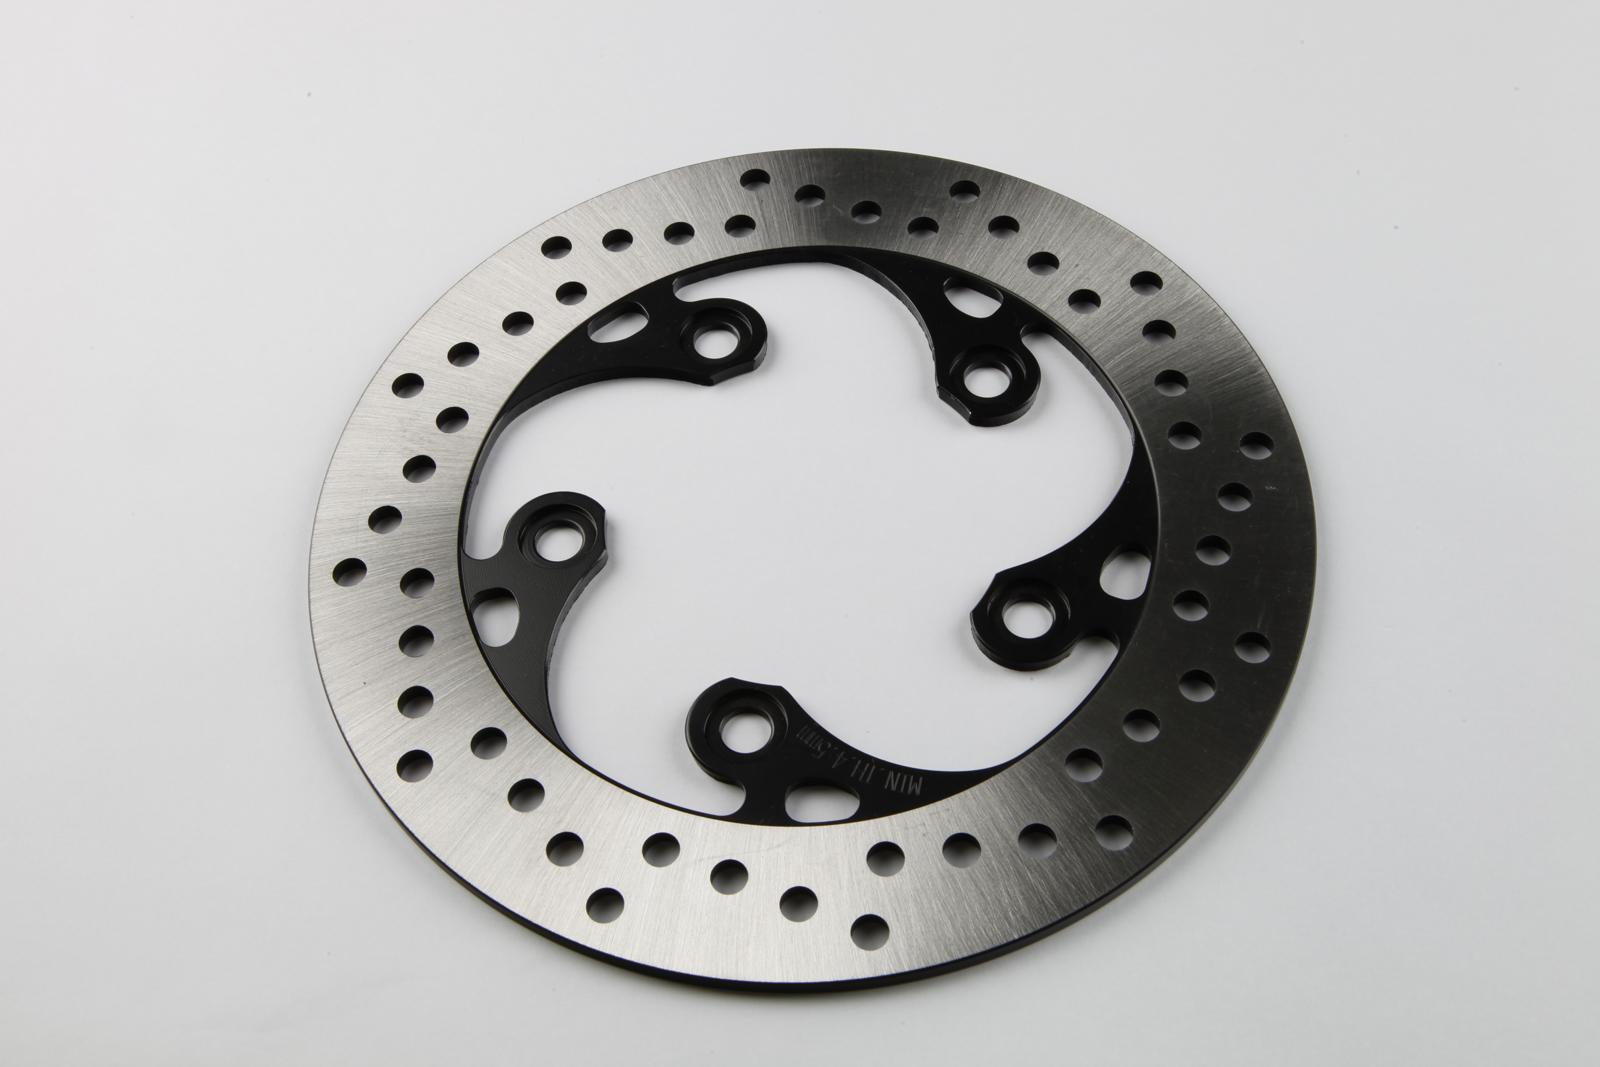 Threadlock 5x Suzuki Gsxr600 K6 K7 K8 K9 Black Titanium Rear Disc Rotor Bolts